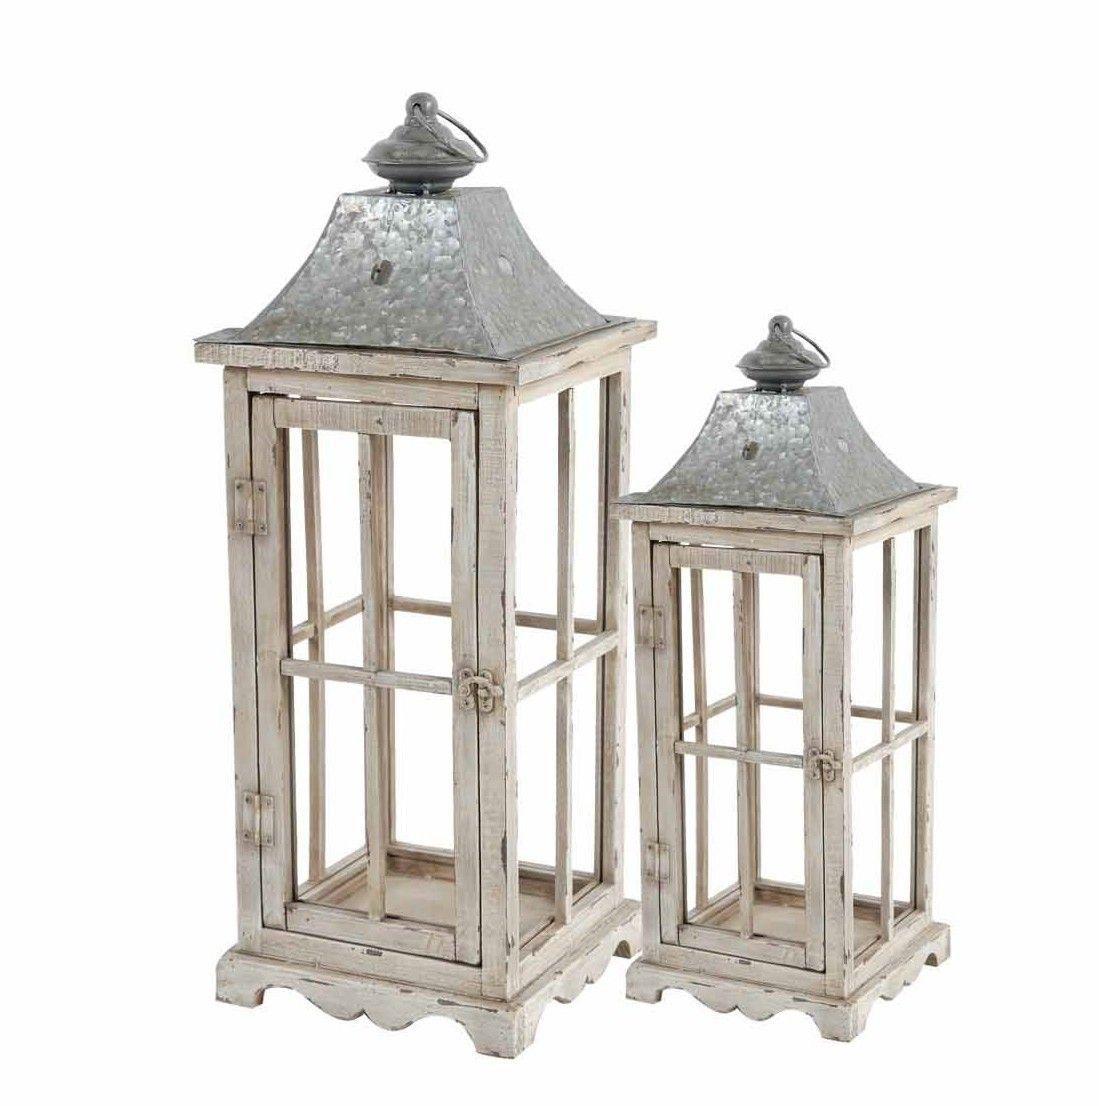 Set of 2 Large Cream Wooden Lanterns, $60.00 | Lanterns | Pinterest